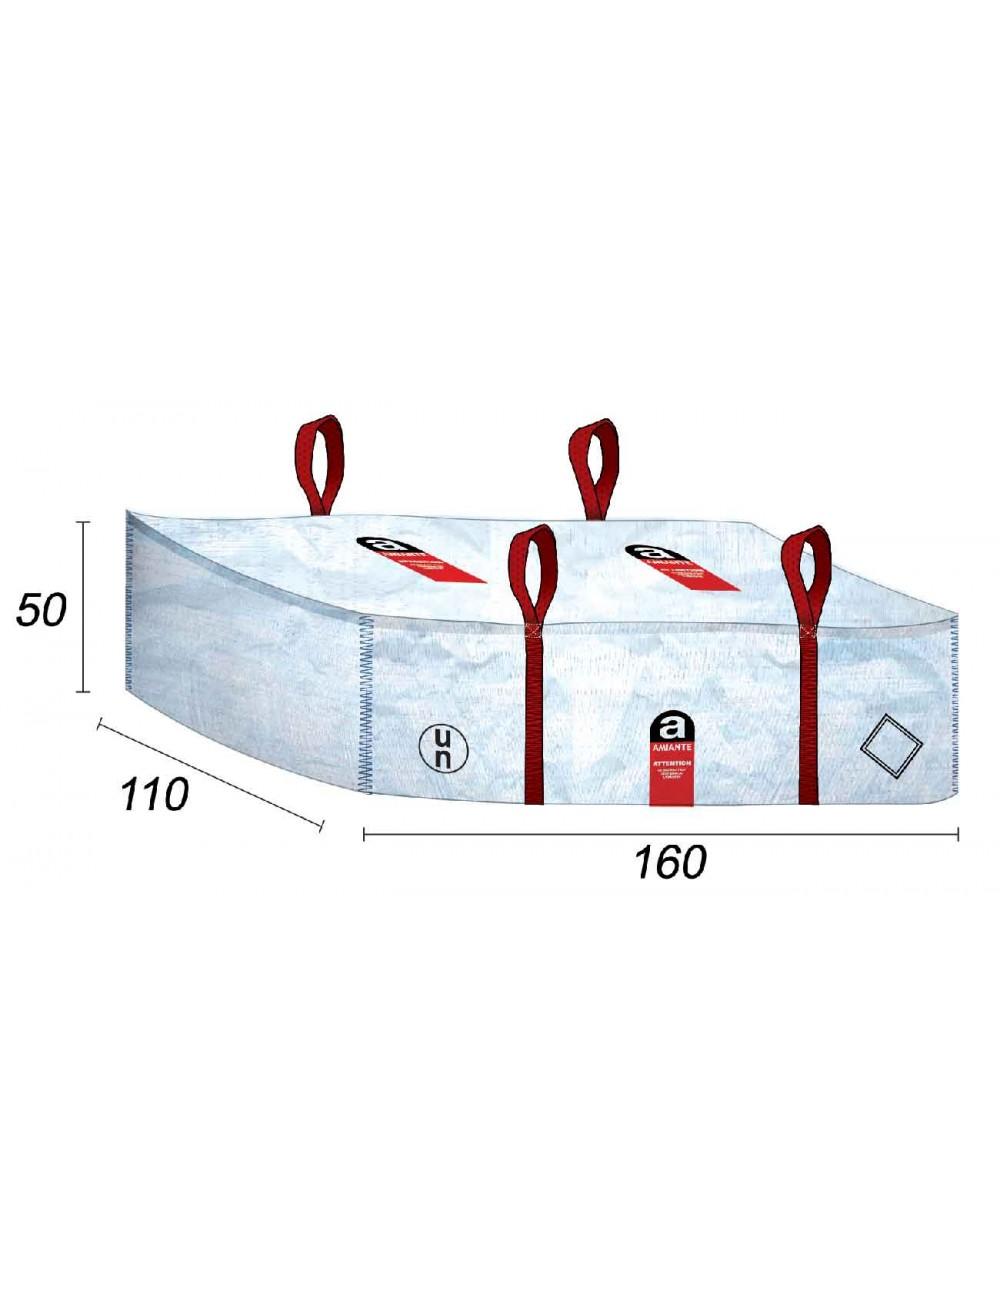 Dépôt bag Plaque Fibro Ciment Amiante